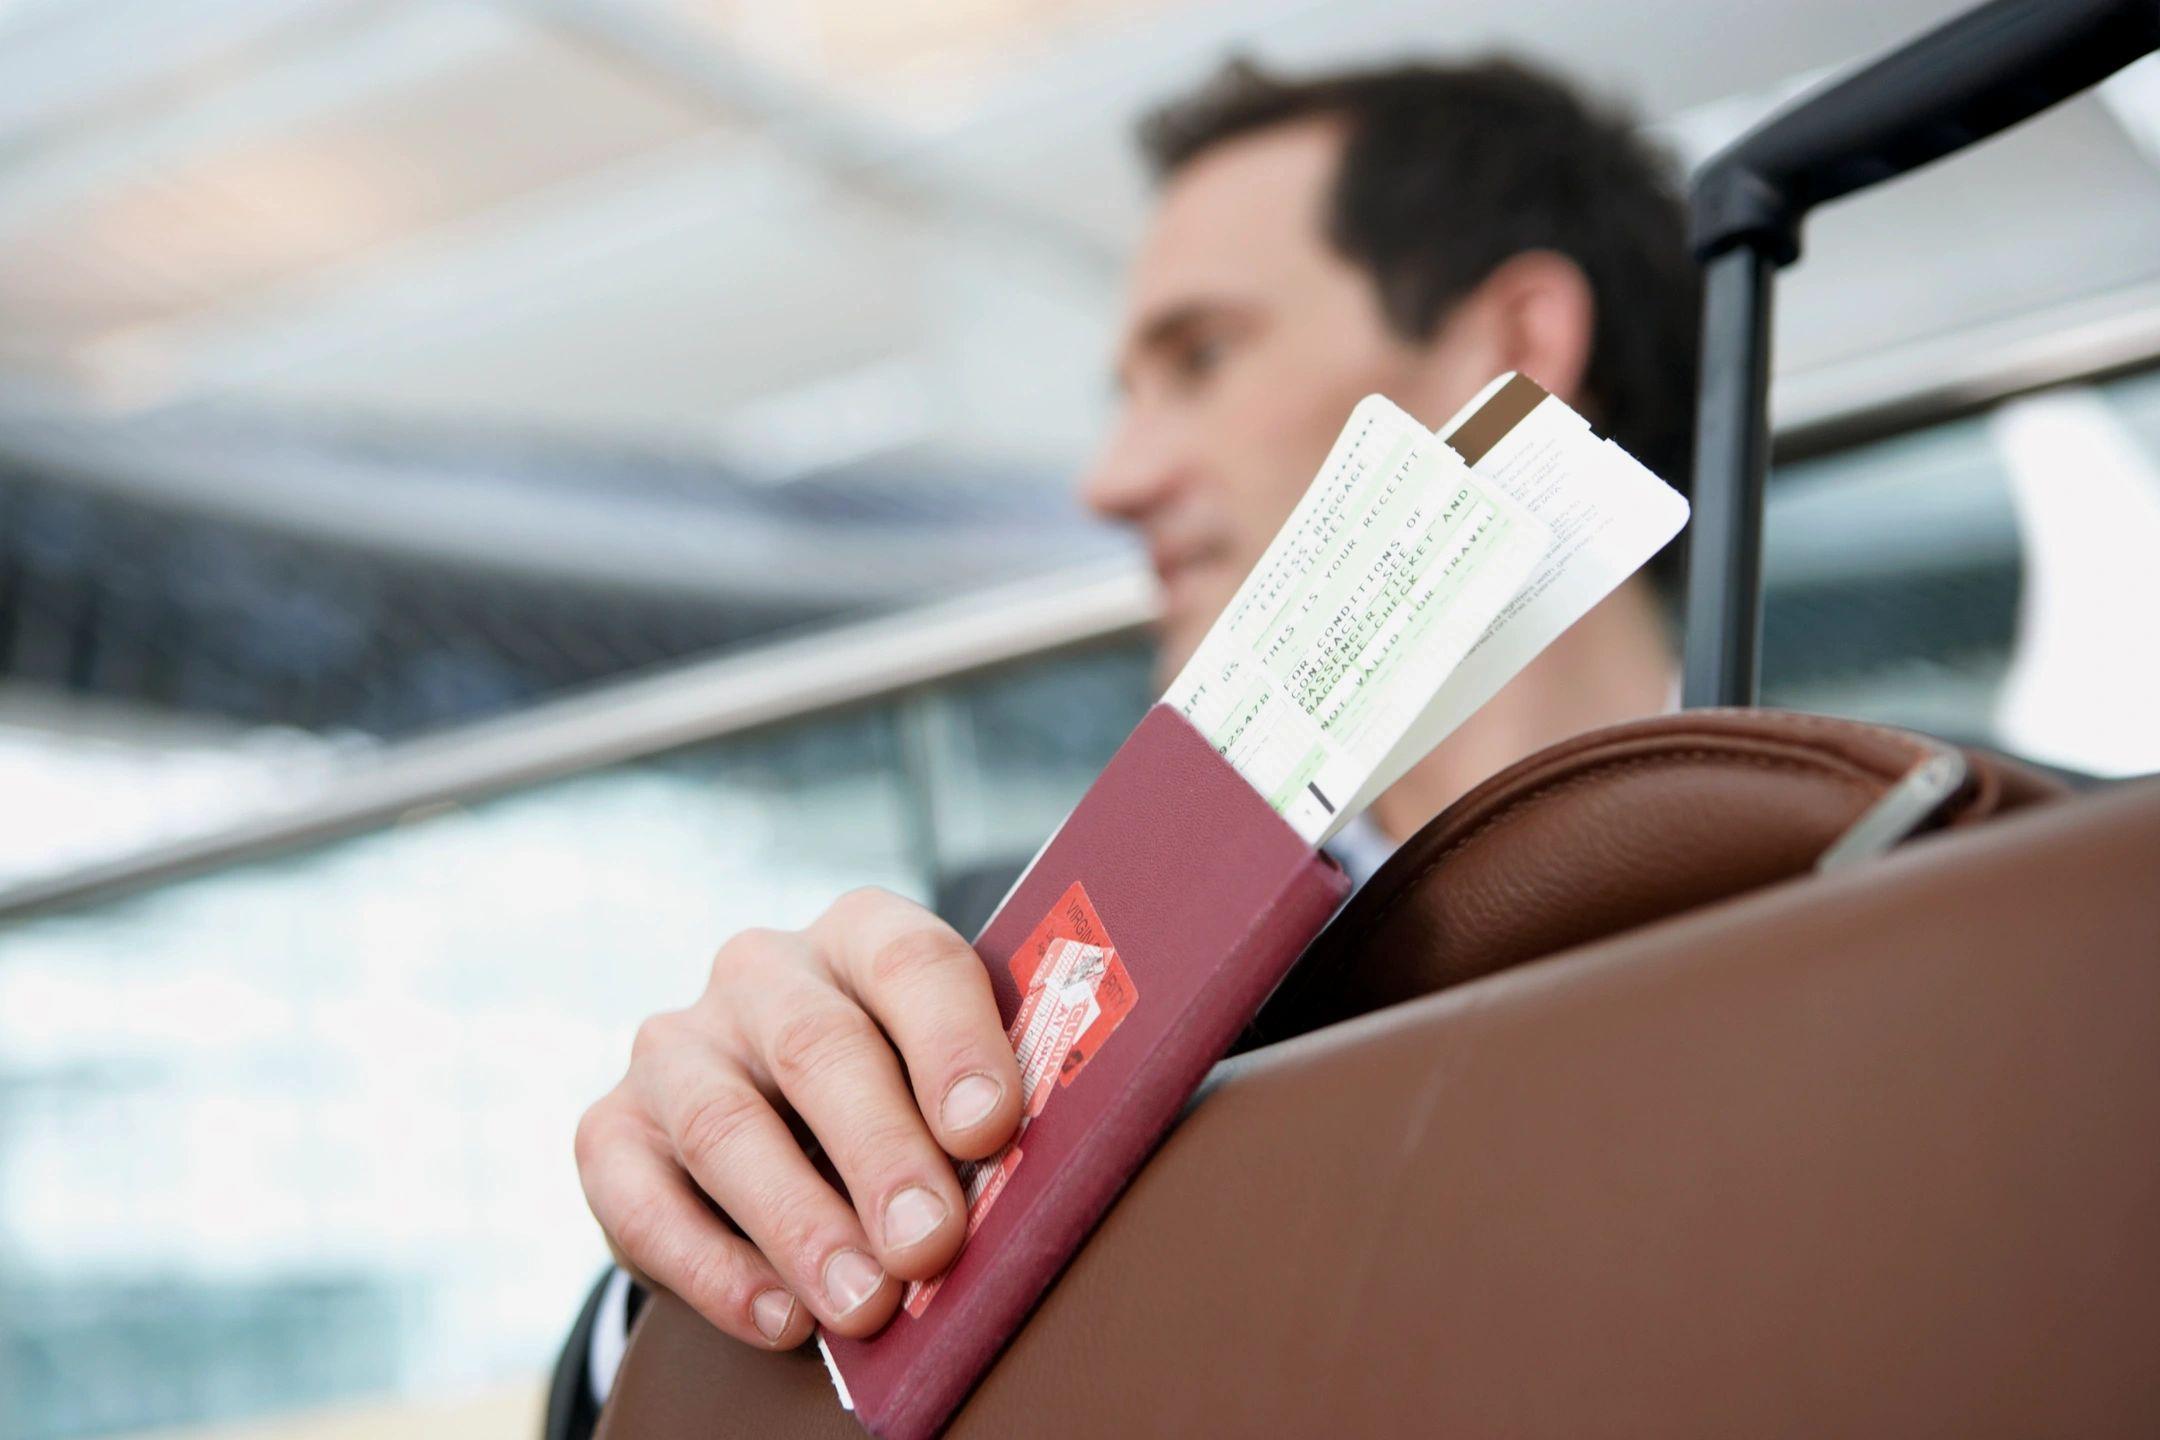 Avianca suspende rutas internacionales por la pandemia